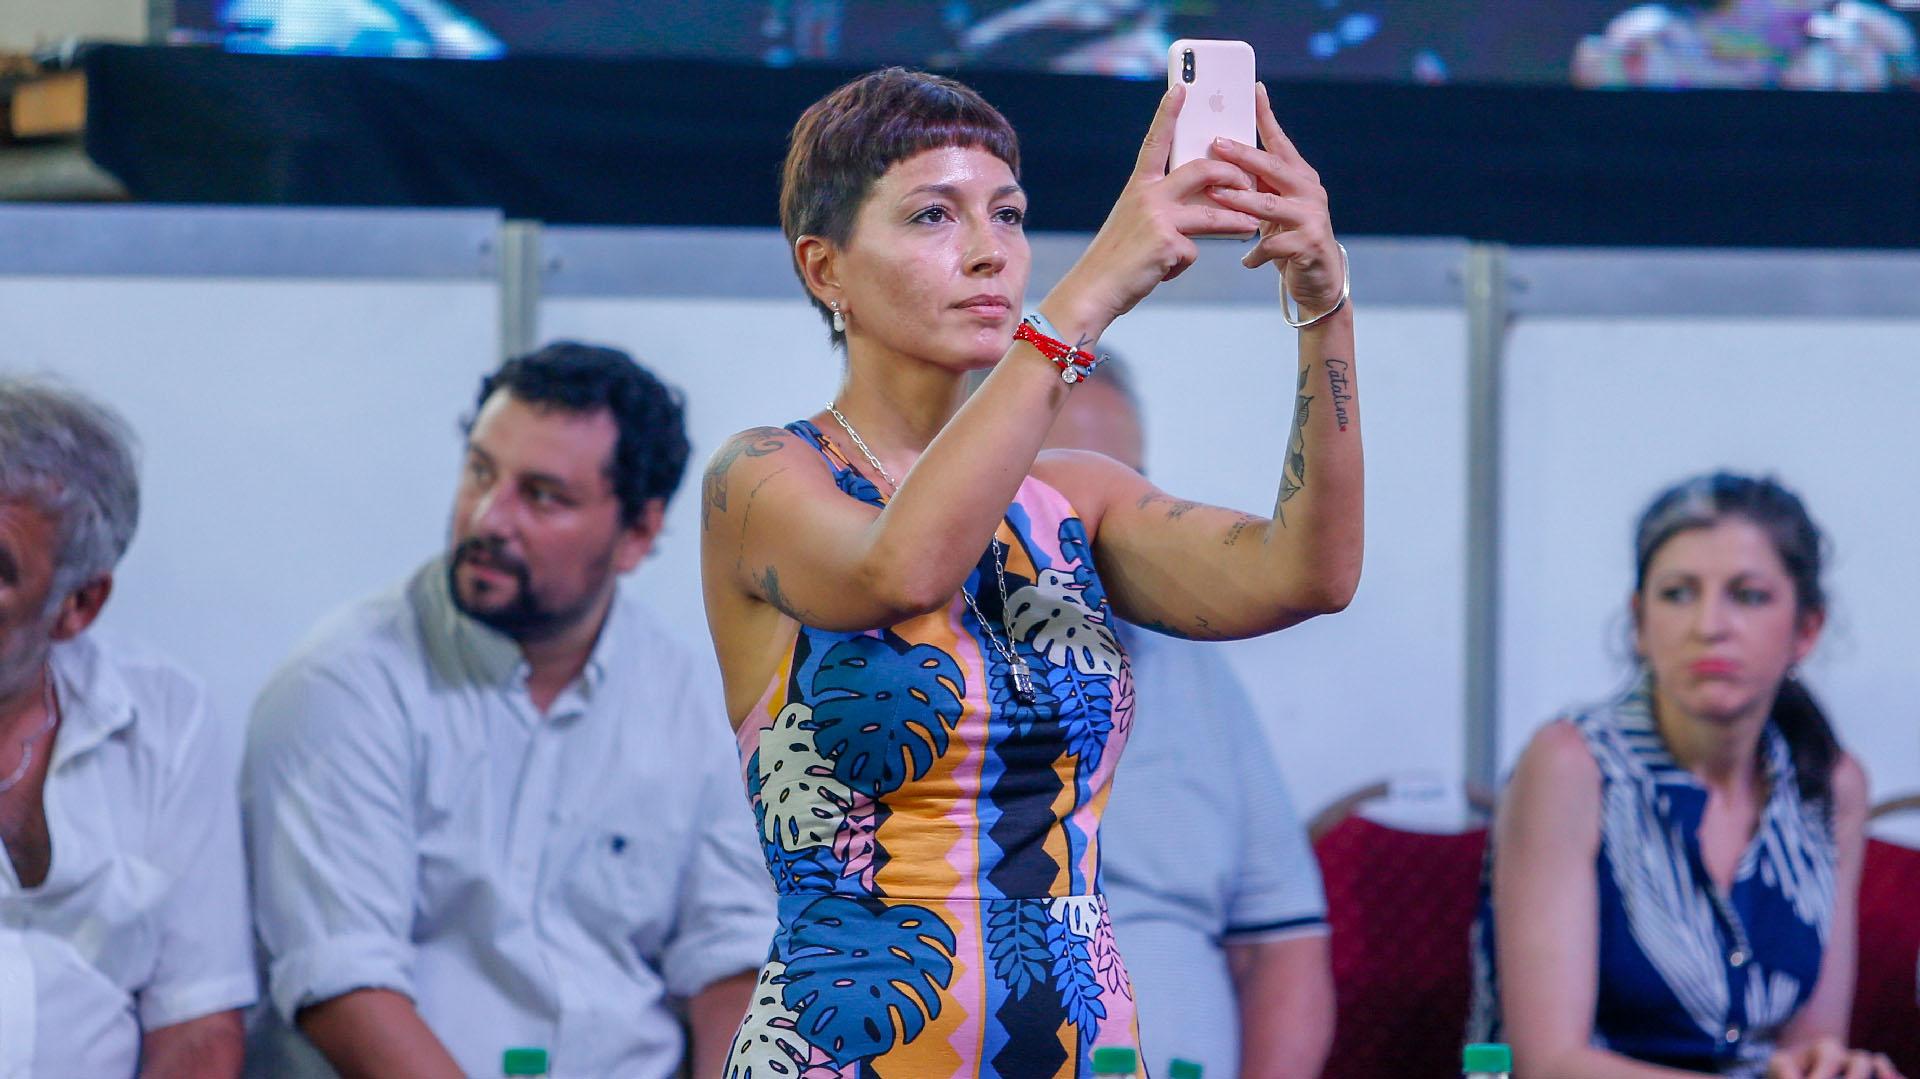 La diputada de Unidad Ciudadana Mayra Mendoza